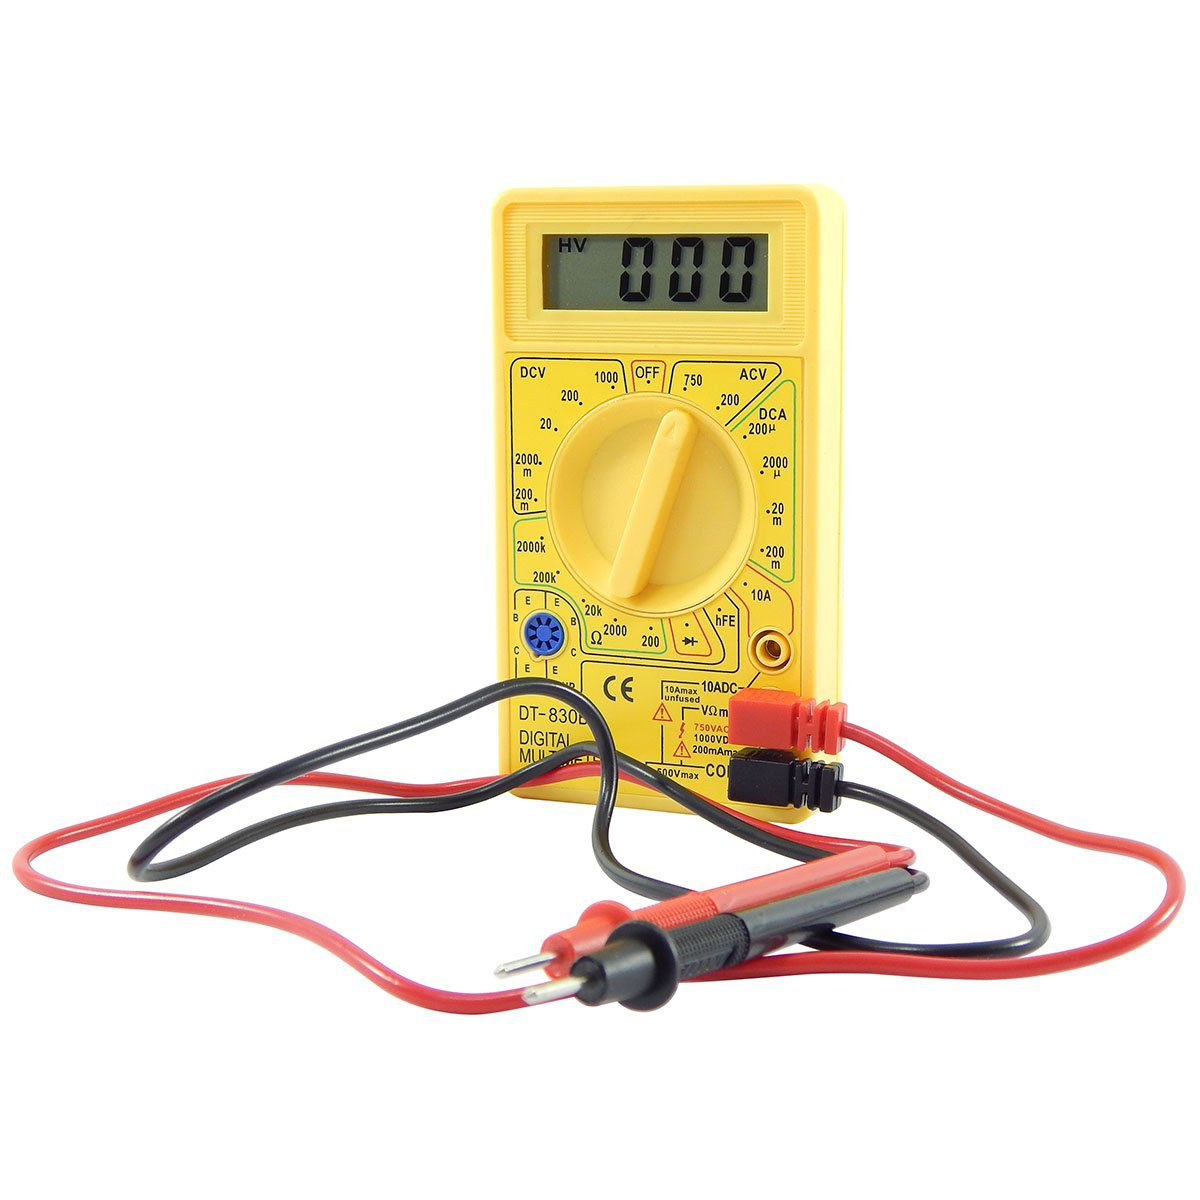 Multimetro Digital DT-830B